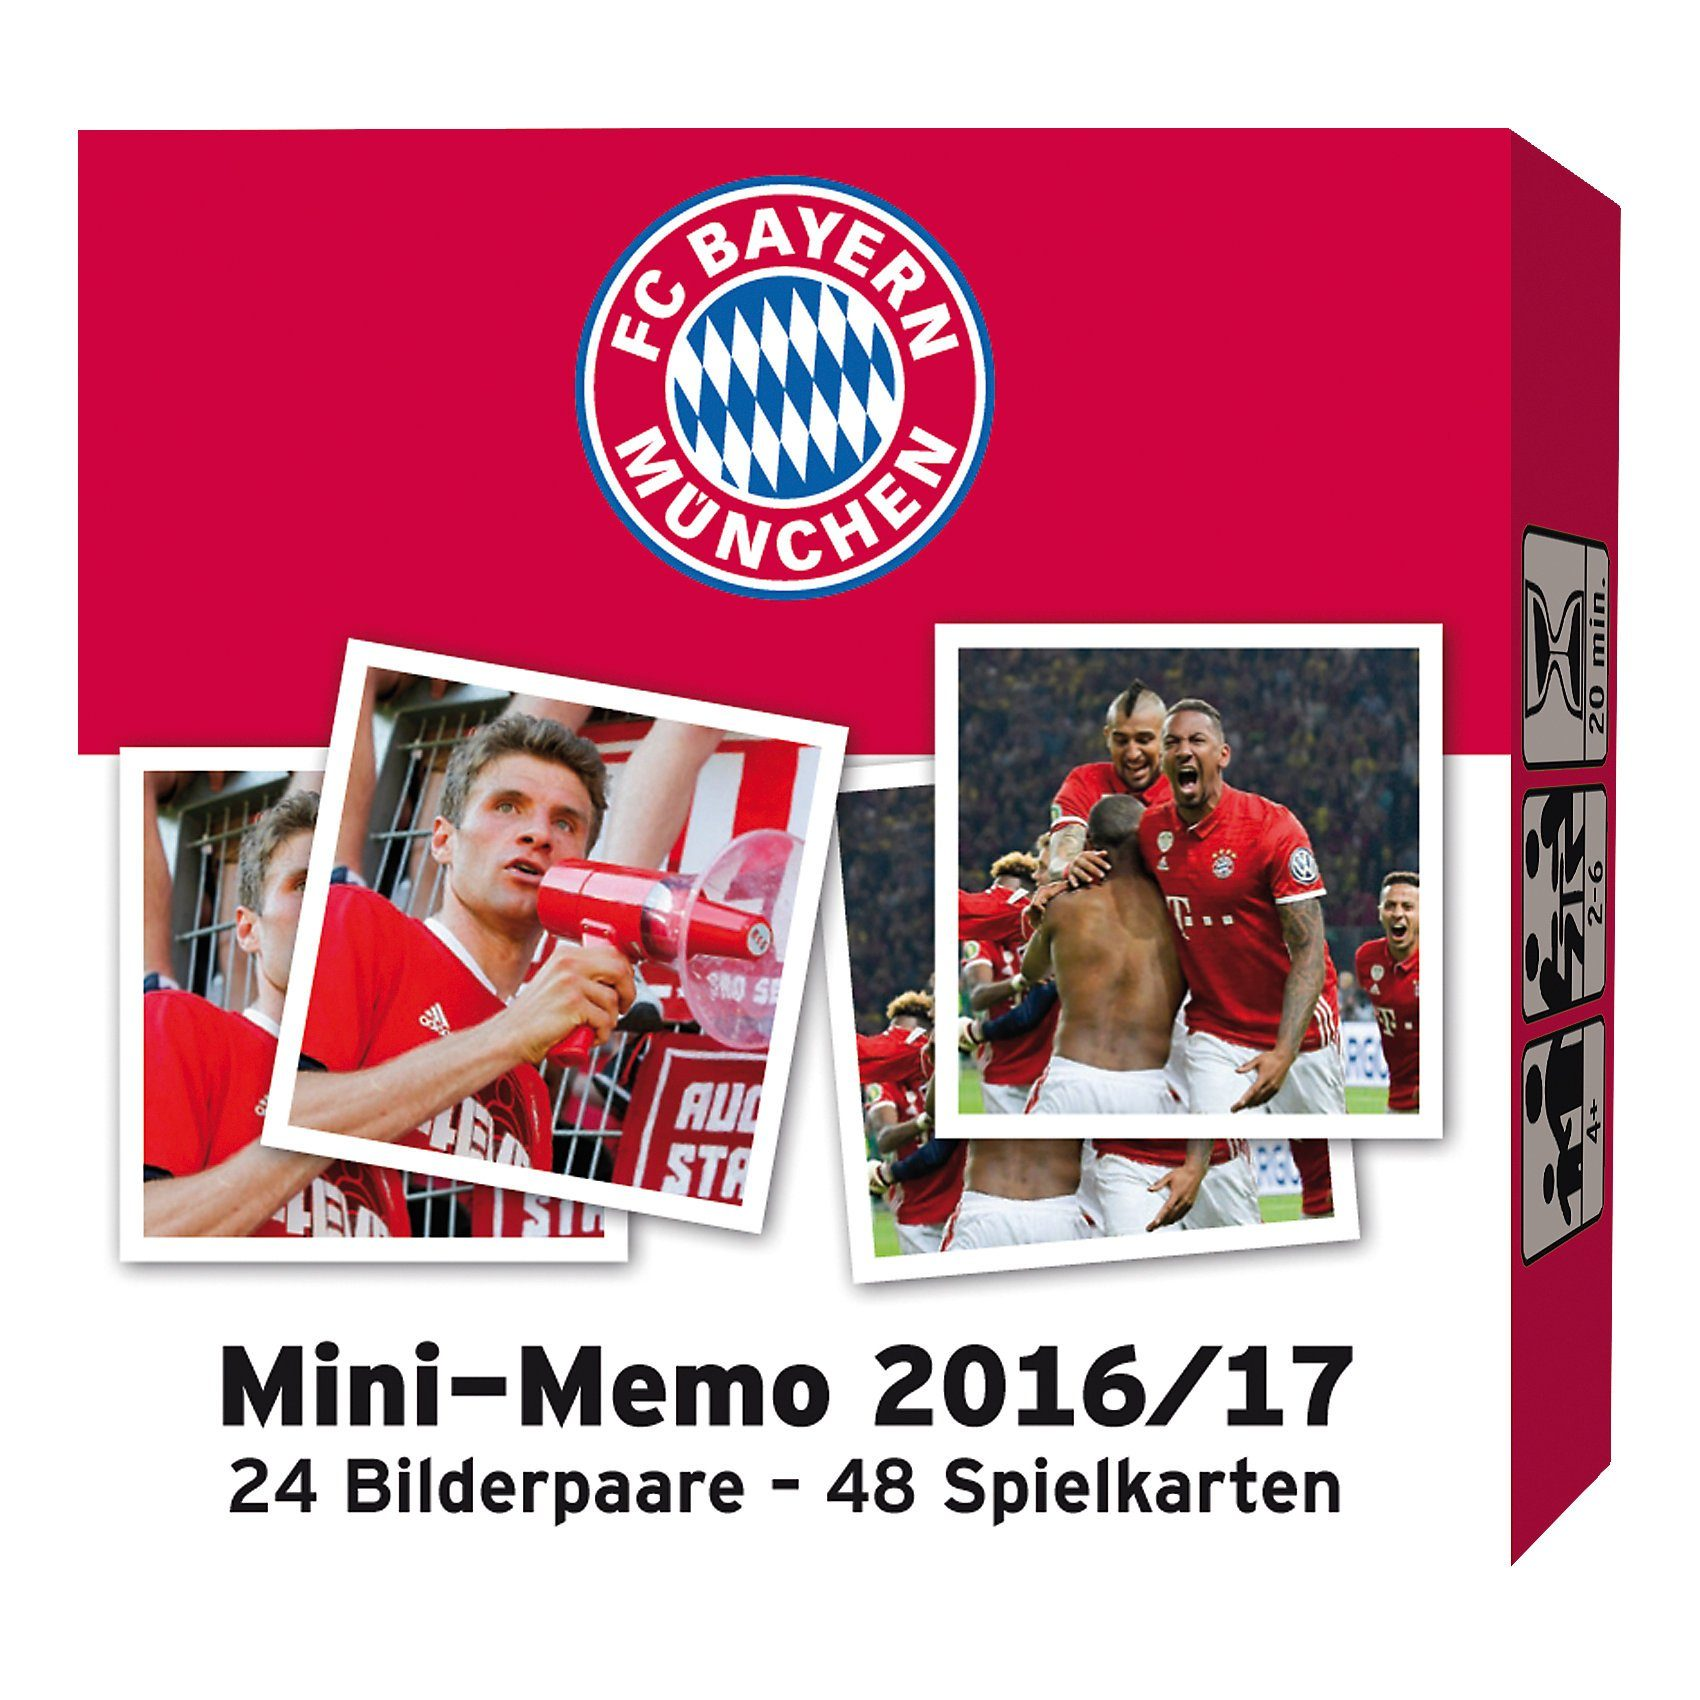 Amigo FC Bayern München Mini Memo 16/17